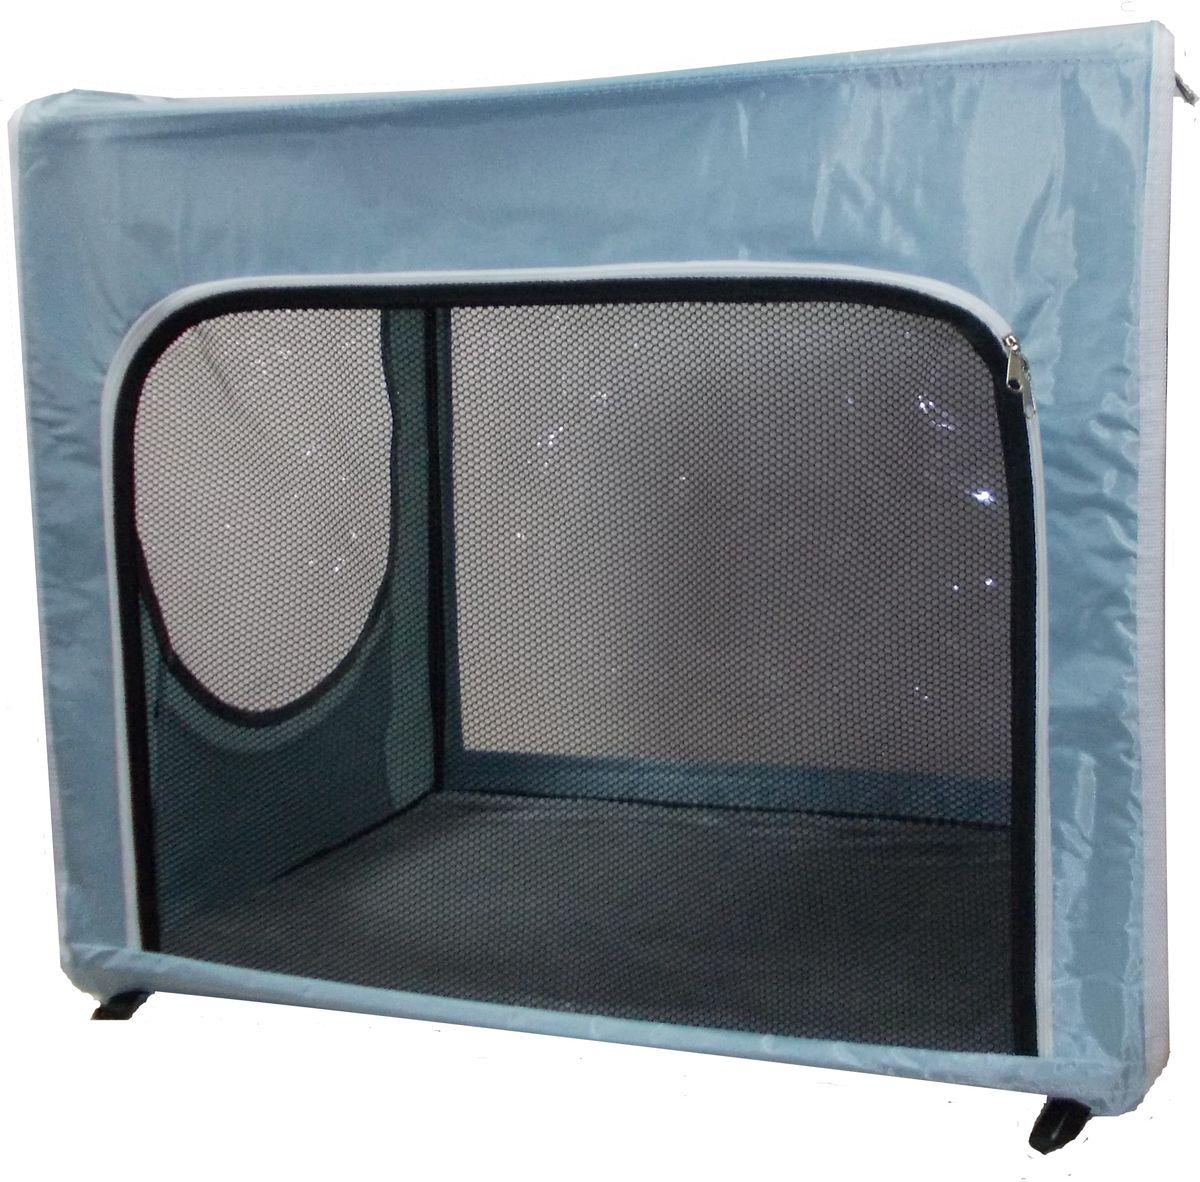 """Клетка для животных """"Заря-Плюс"""", выставочная, цвет: голубой, 75 ? 60 ? 50 см. КТВ2/1 КТВ2/1нг"""